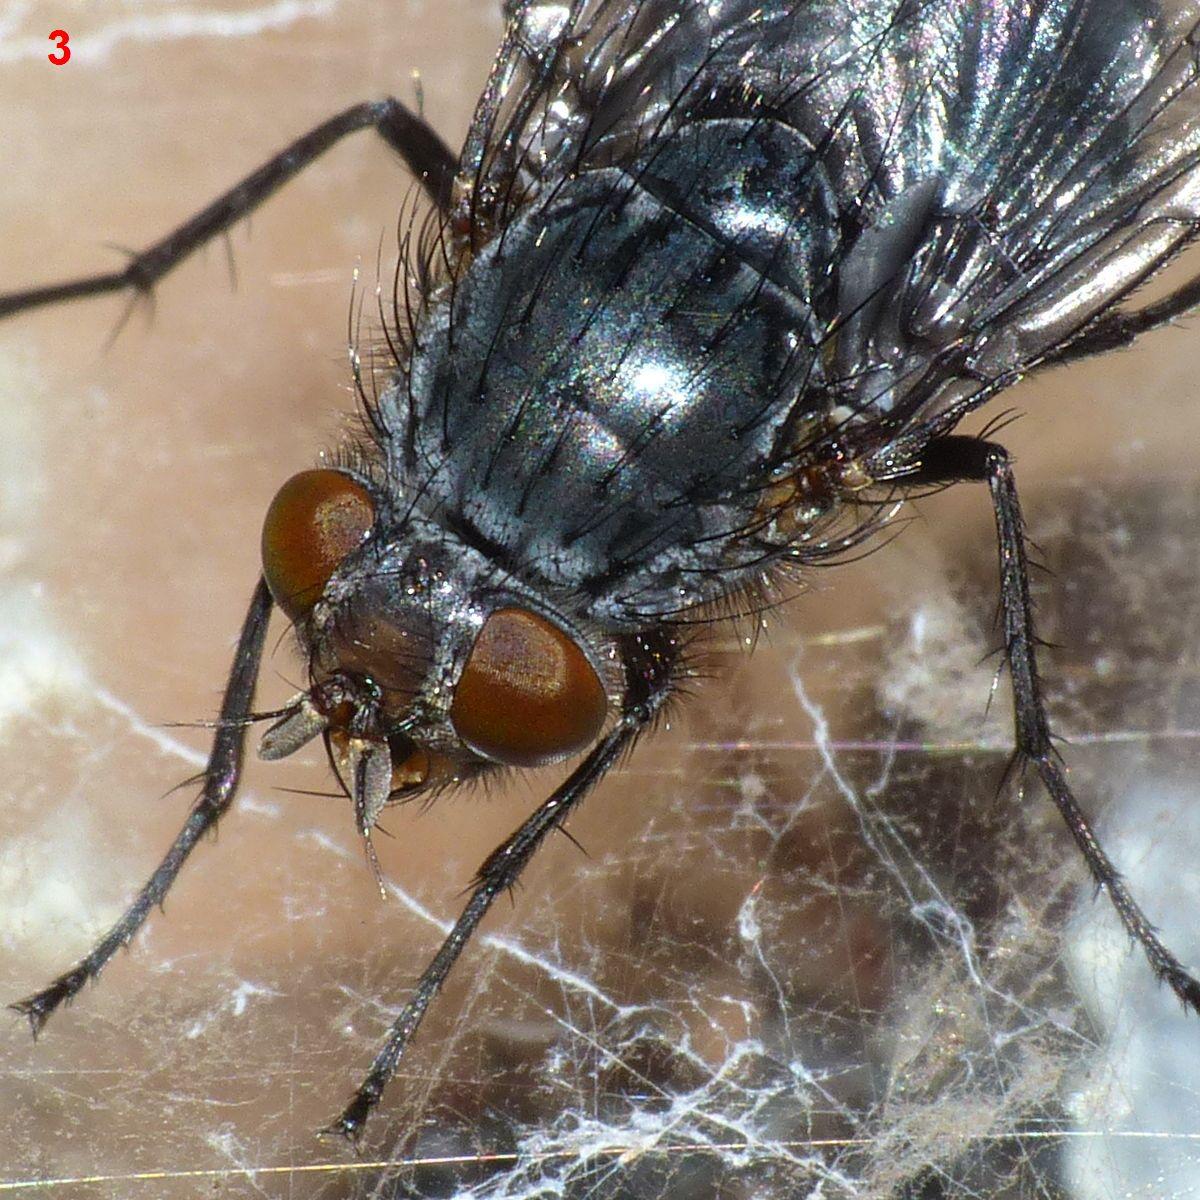 foto-upload.de/diptera/190110/Calliphora_sp_6mm_W4.jpg